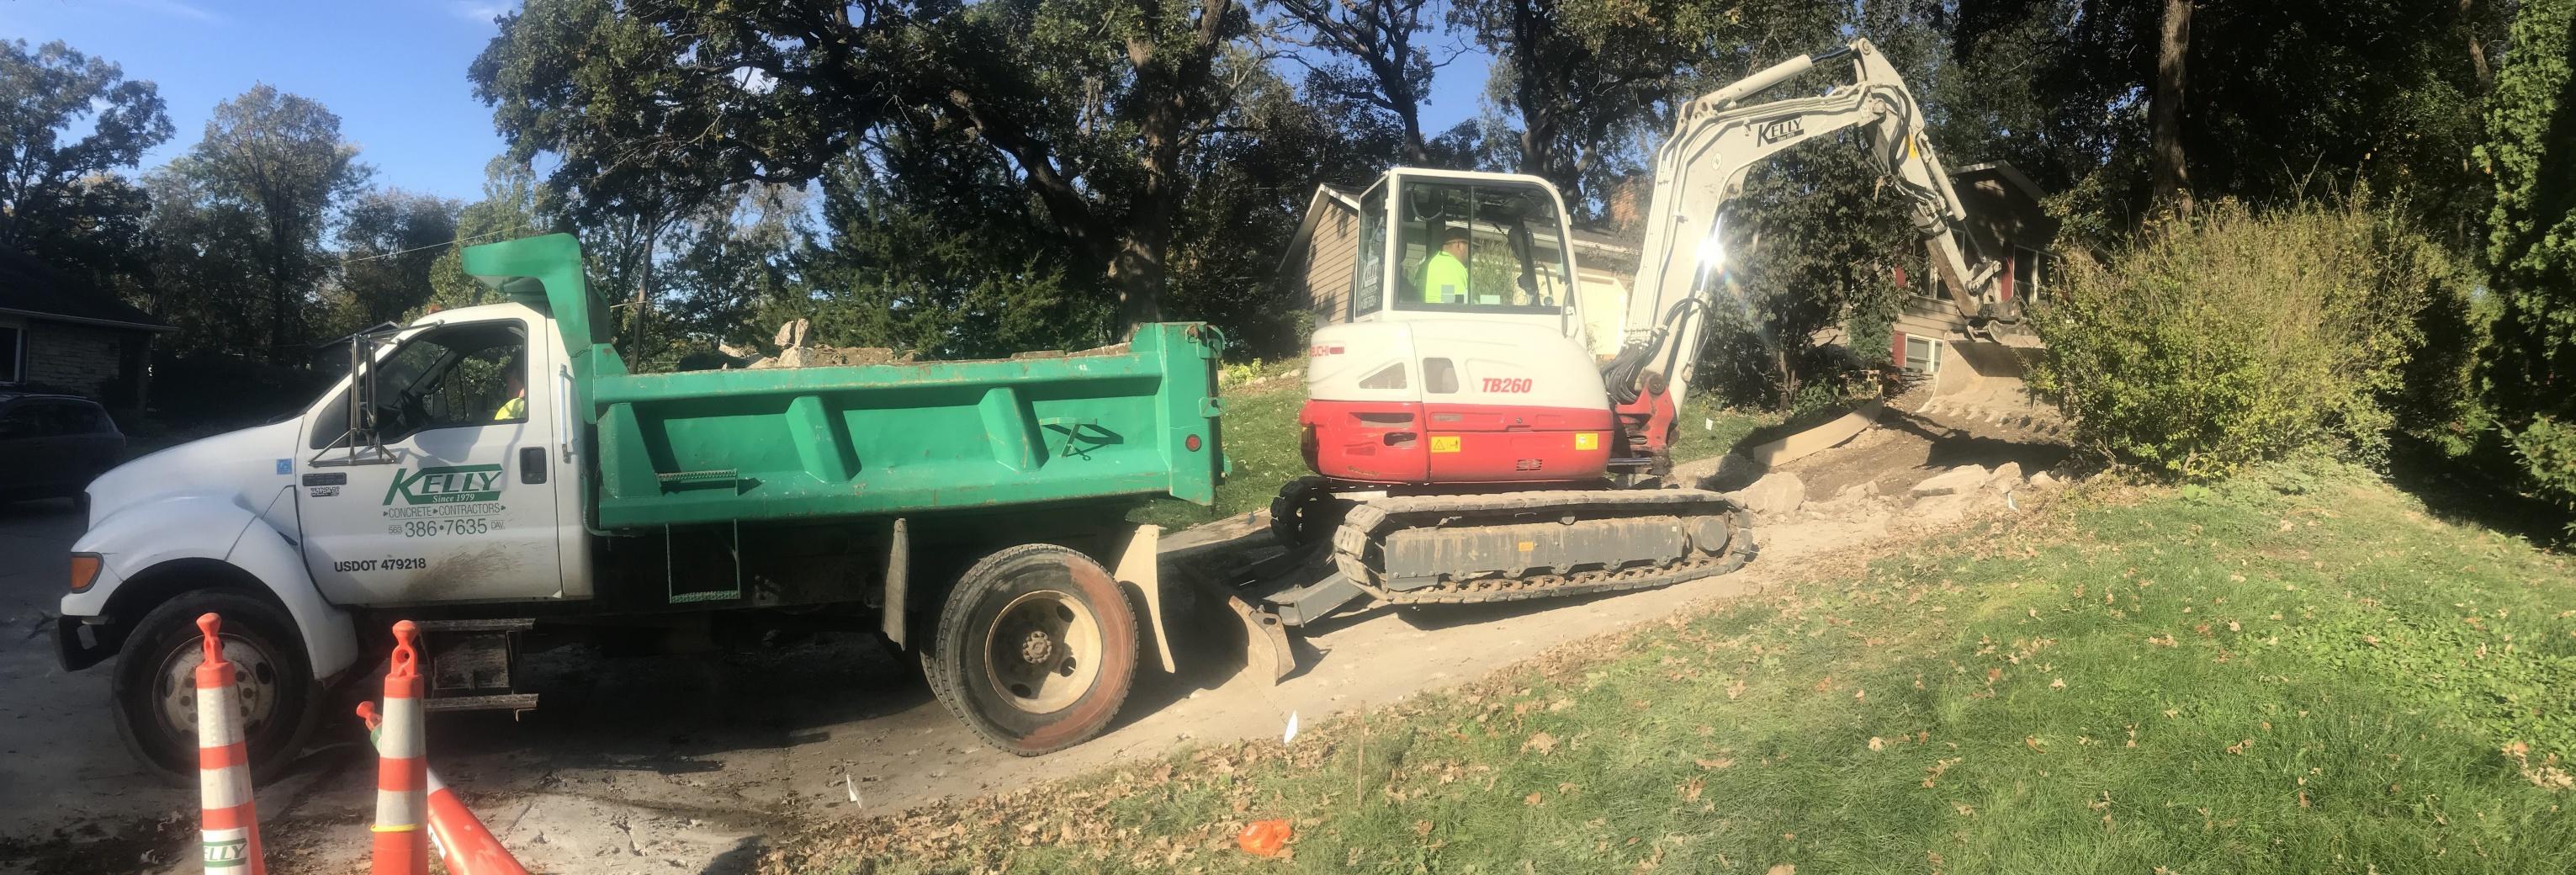 Excavator loading broken concrete into dump truck